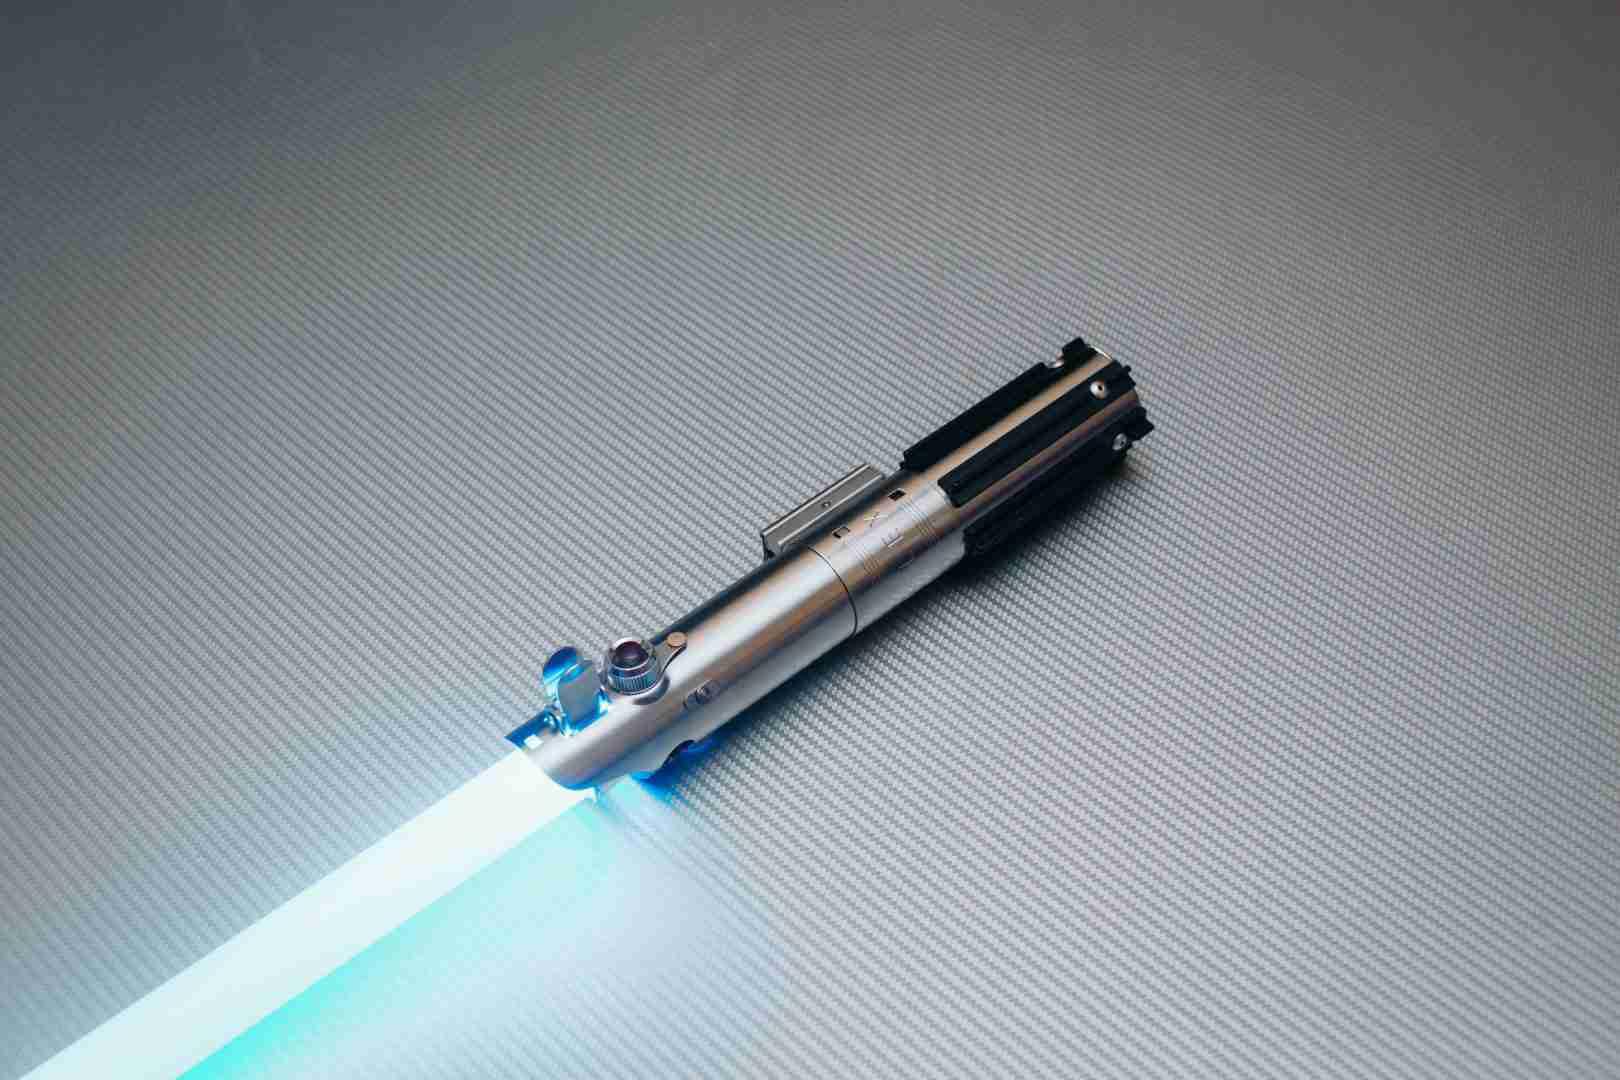 Skywalker/Rey ligtsaber